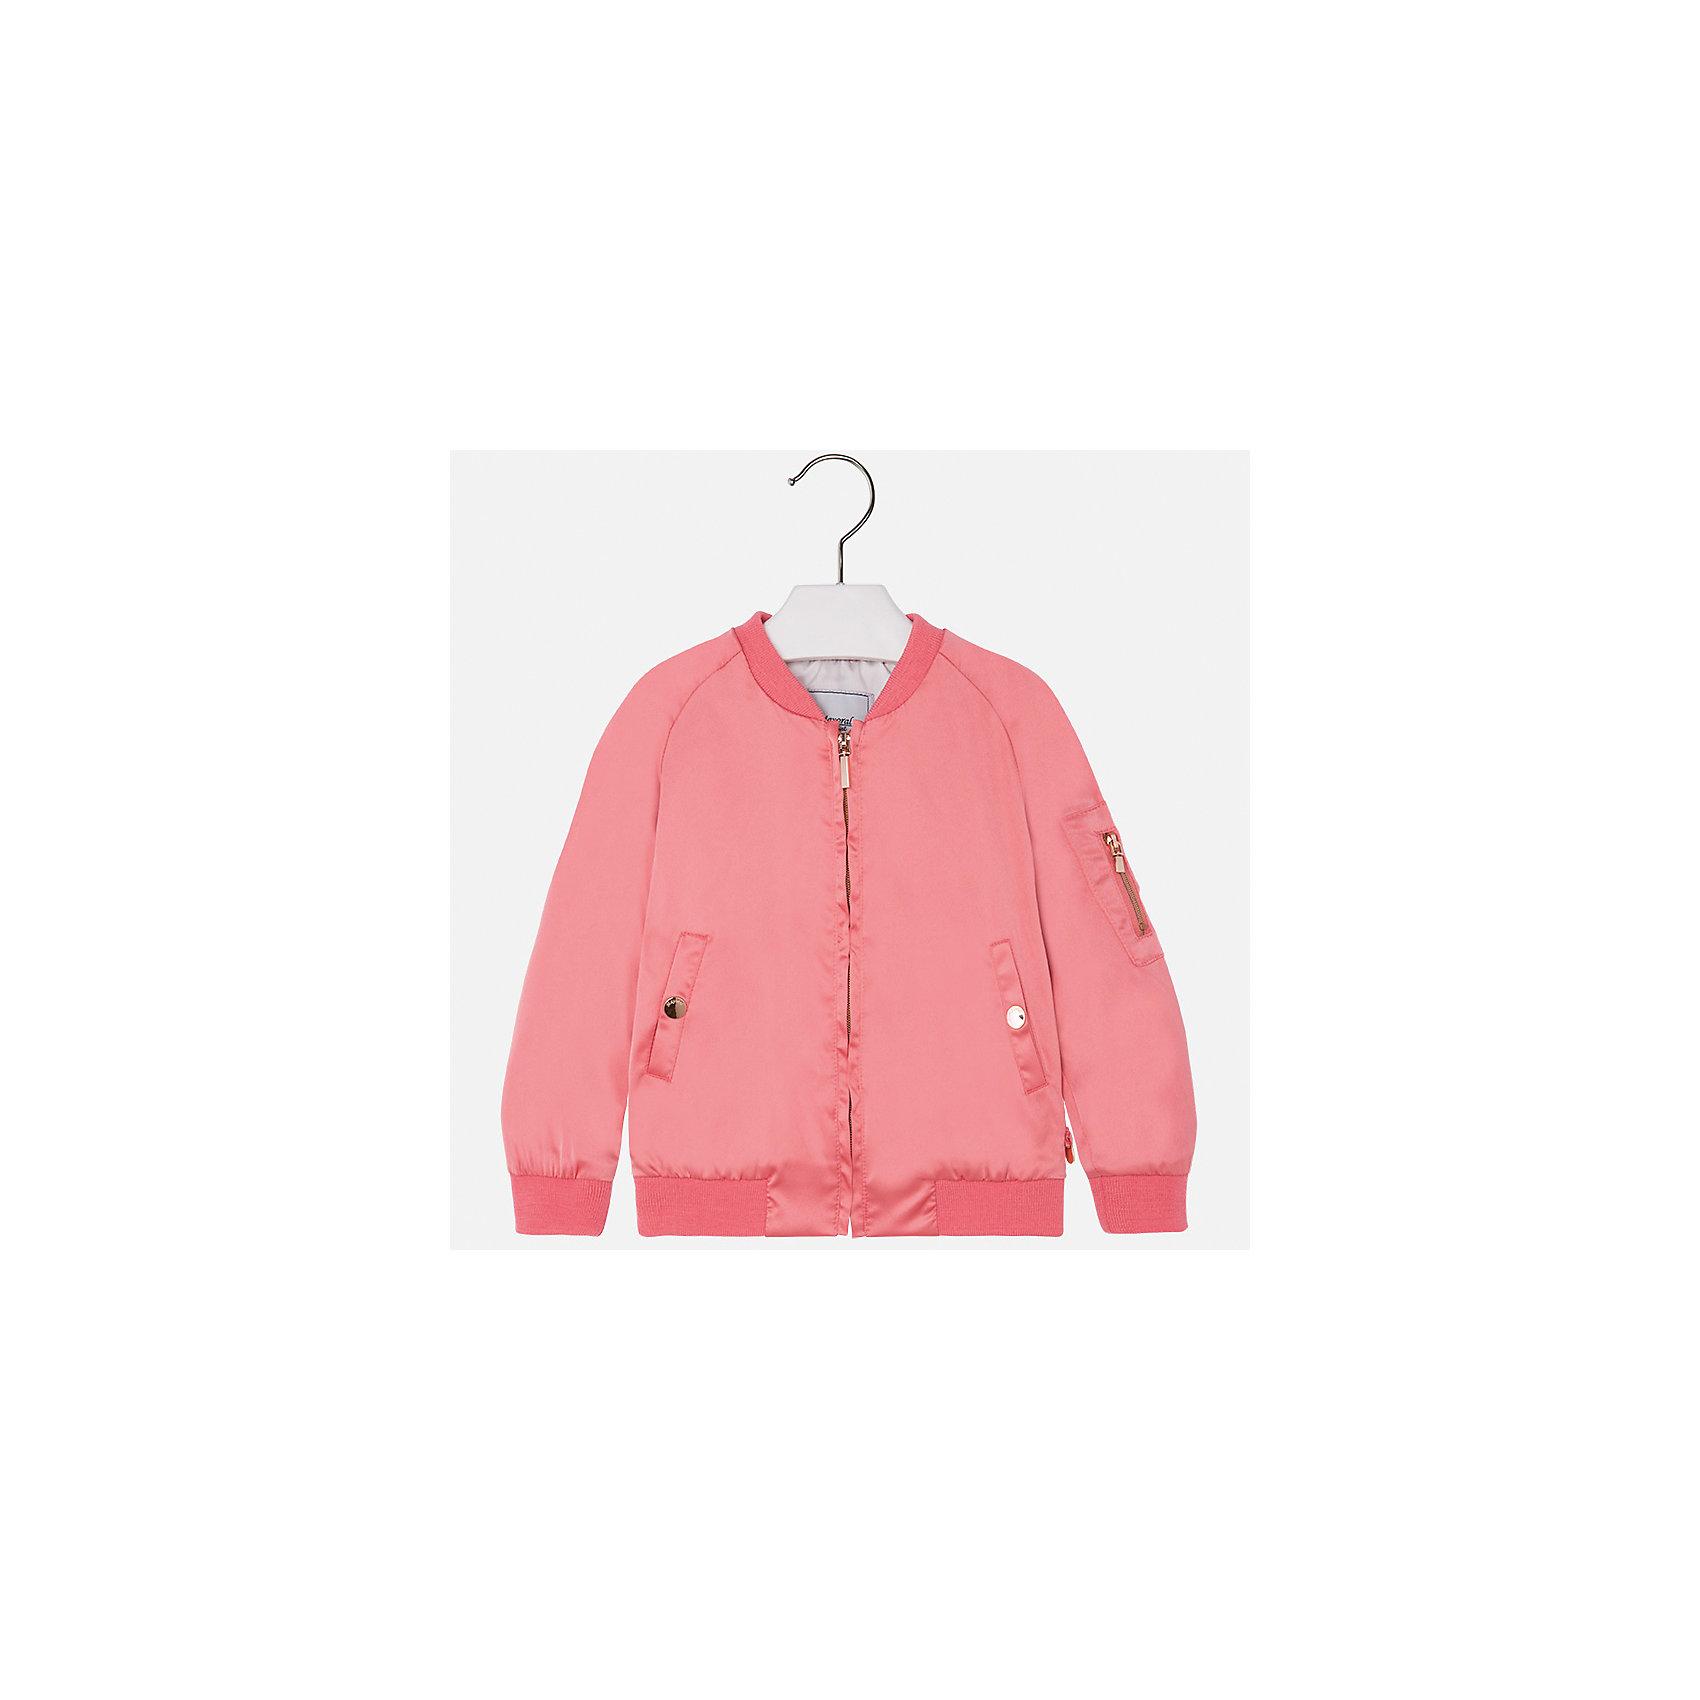 Куртка для девочки MayoralВерхняя одежда<br>Характеристики товара:<br><br>• цвет: розовый<br>• состав: 97% полиэстер, 3% эластан<br>• застежка: молния<br>• карманы<br>• с длинными рукавами <br>• манжеты<br>• низ - трикотажная резинка<br>• страна бренда: Испания<br><br>Модная удобная куртка для девочки поможет разнообразить гардероб ребенка и обеспечить тепло в прохладную погоду. Она отлично сочетается и с юбками, и с брюками. Красивый цвет позволяет подобрать к вещи низ различных расцветок. Интересная отделка модели делает её нарядной и стильной. <br><br>Одежда, обувь и аксессуары от испанского бренда Mayoral полюбились детям и взрослым по всему миру. Модели этой марки - стильные и удобные. Для их производства используются только безопасные, качественные материалы и фурнитура. Порадуйте ребенка модными и красивыми вещами от Mayoral! <br><br>Куртку для девочки от испанского бренда Mayoral (Майорал) можно купить в нашем интернет-магазине.<br><br>Ширина мм: 356<br>Глубина мм: 10<br>Высота мм: 245<br>Вес г: 519<br>Цвет: розовый<br>Возраст от месяцев: 96<br>Возраст до месяцев: 108<br>Пол: Женский<br>Возраст: Детский<br>Размер: 134,116,92,98,104,110,122,128<br>SKU: 5290260